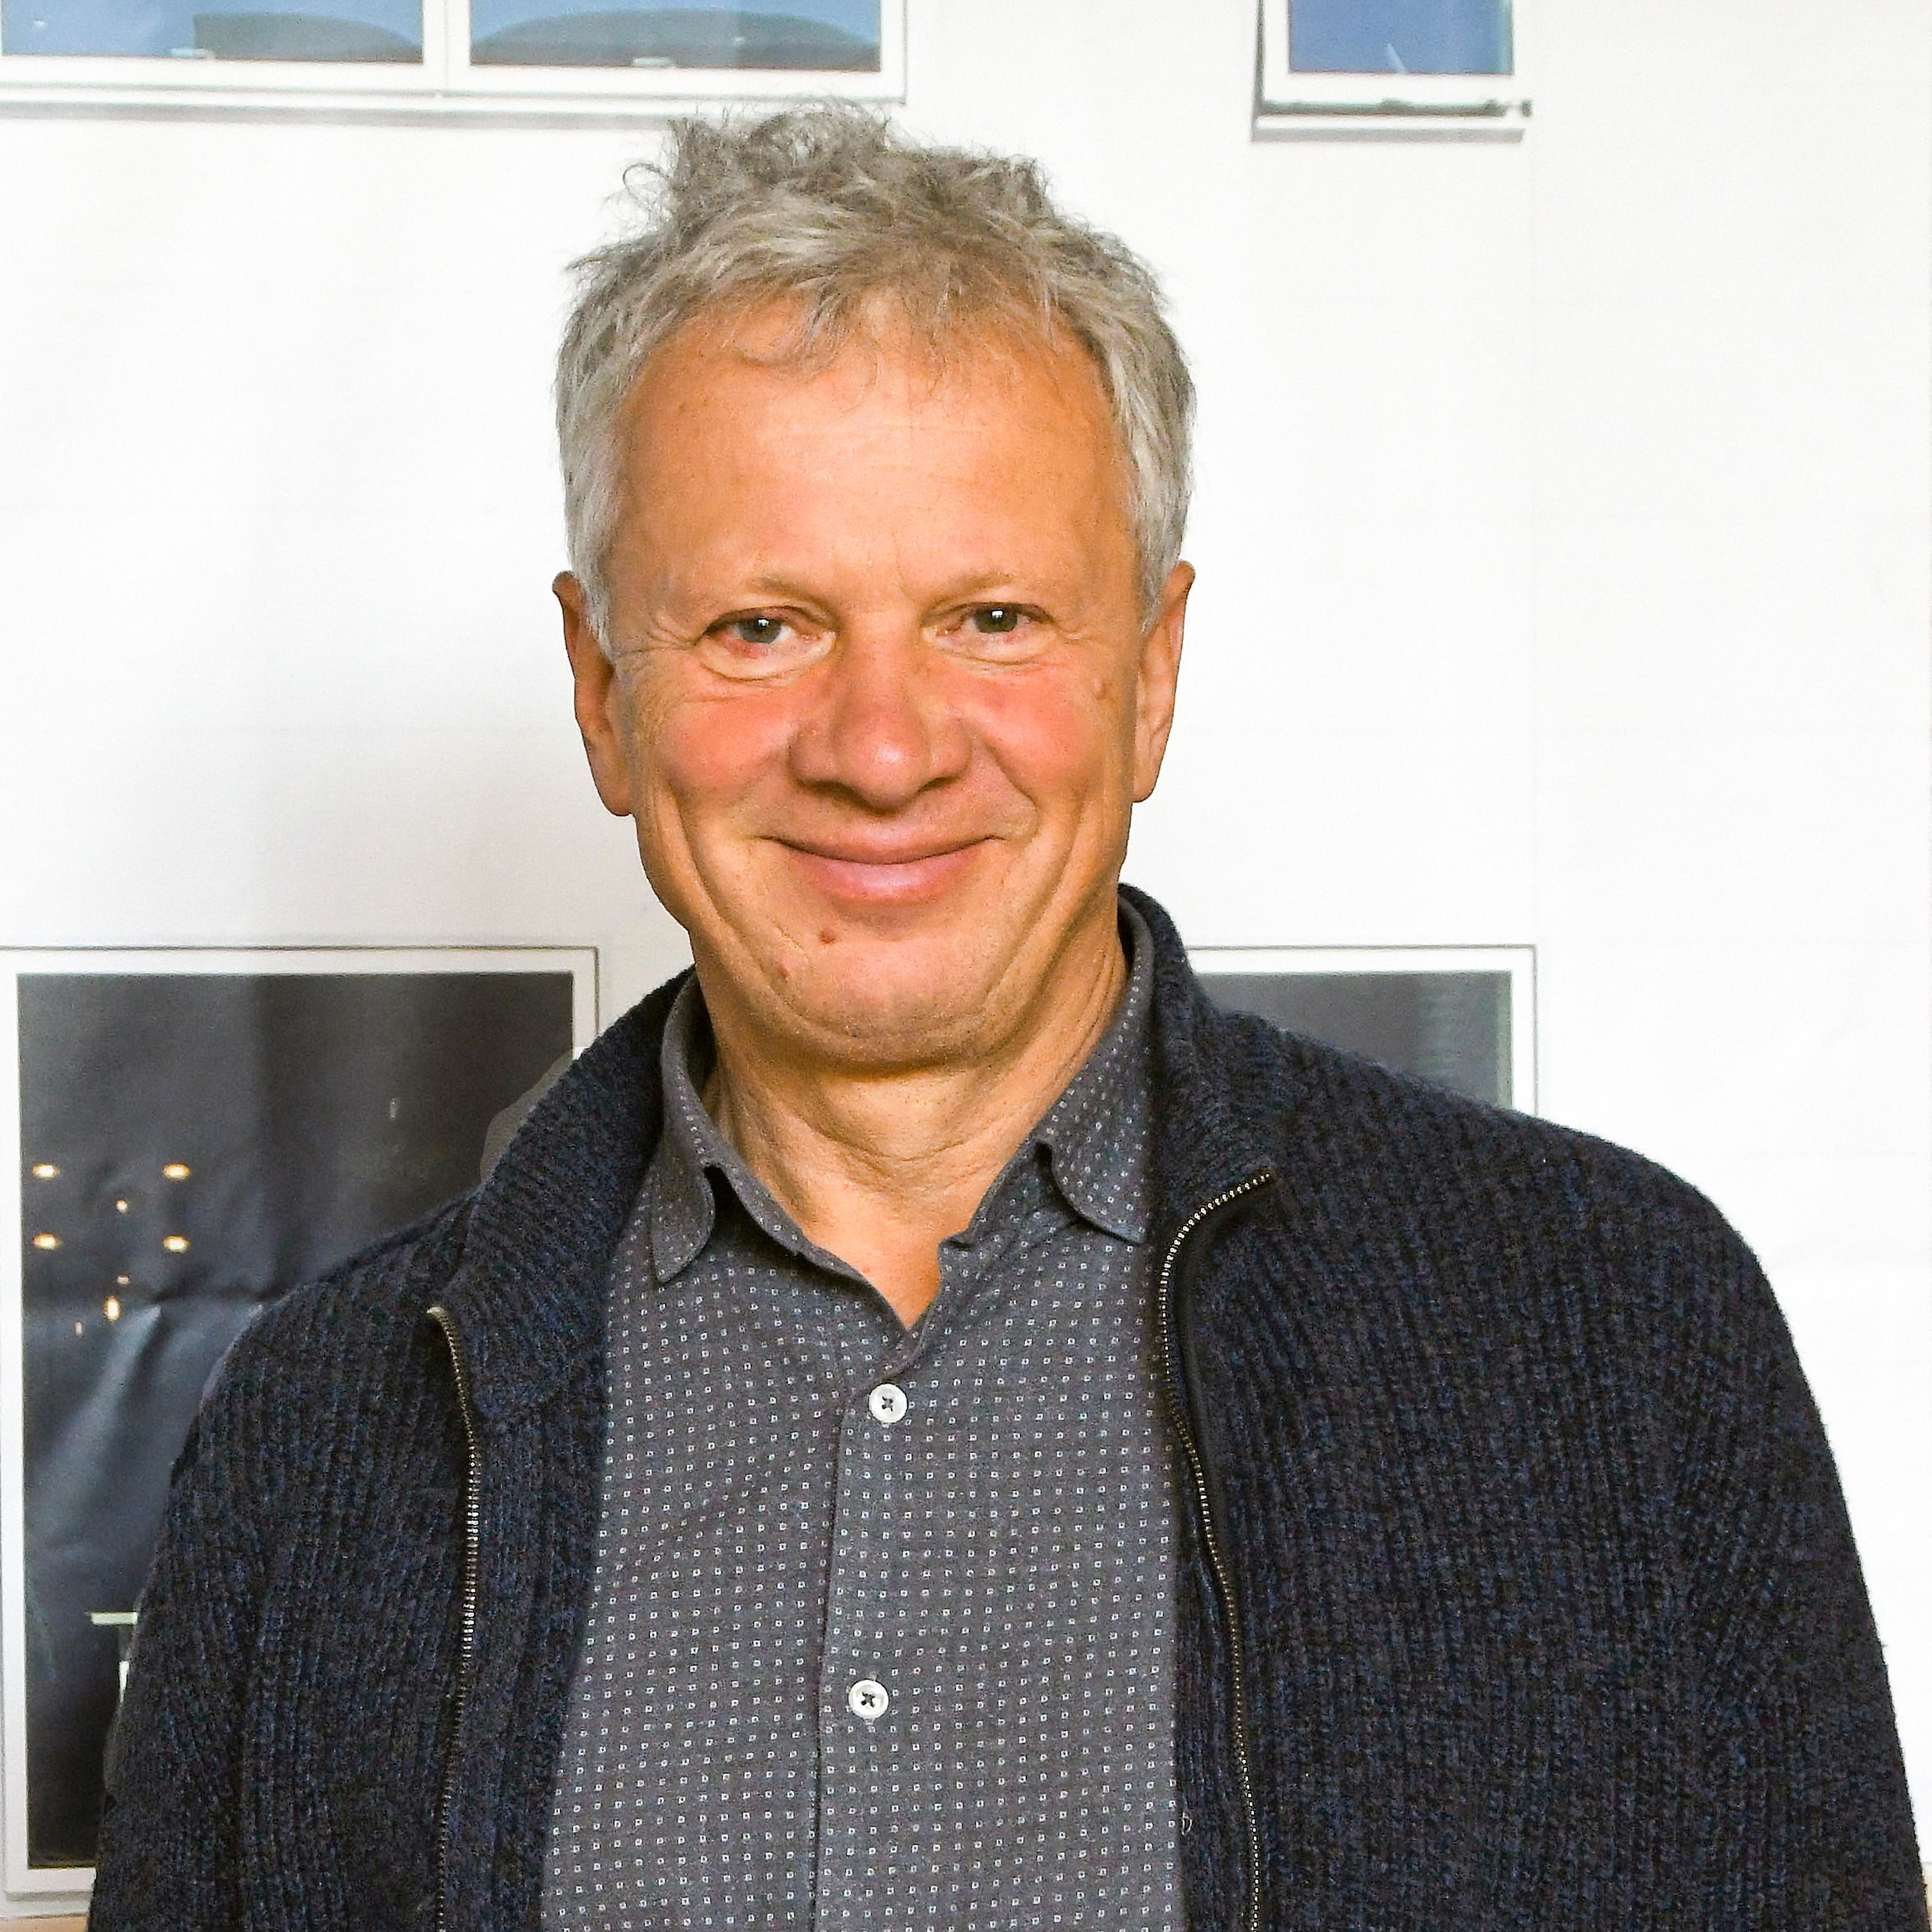 Jurijs Petuhovs